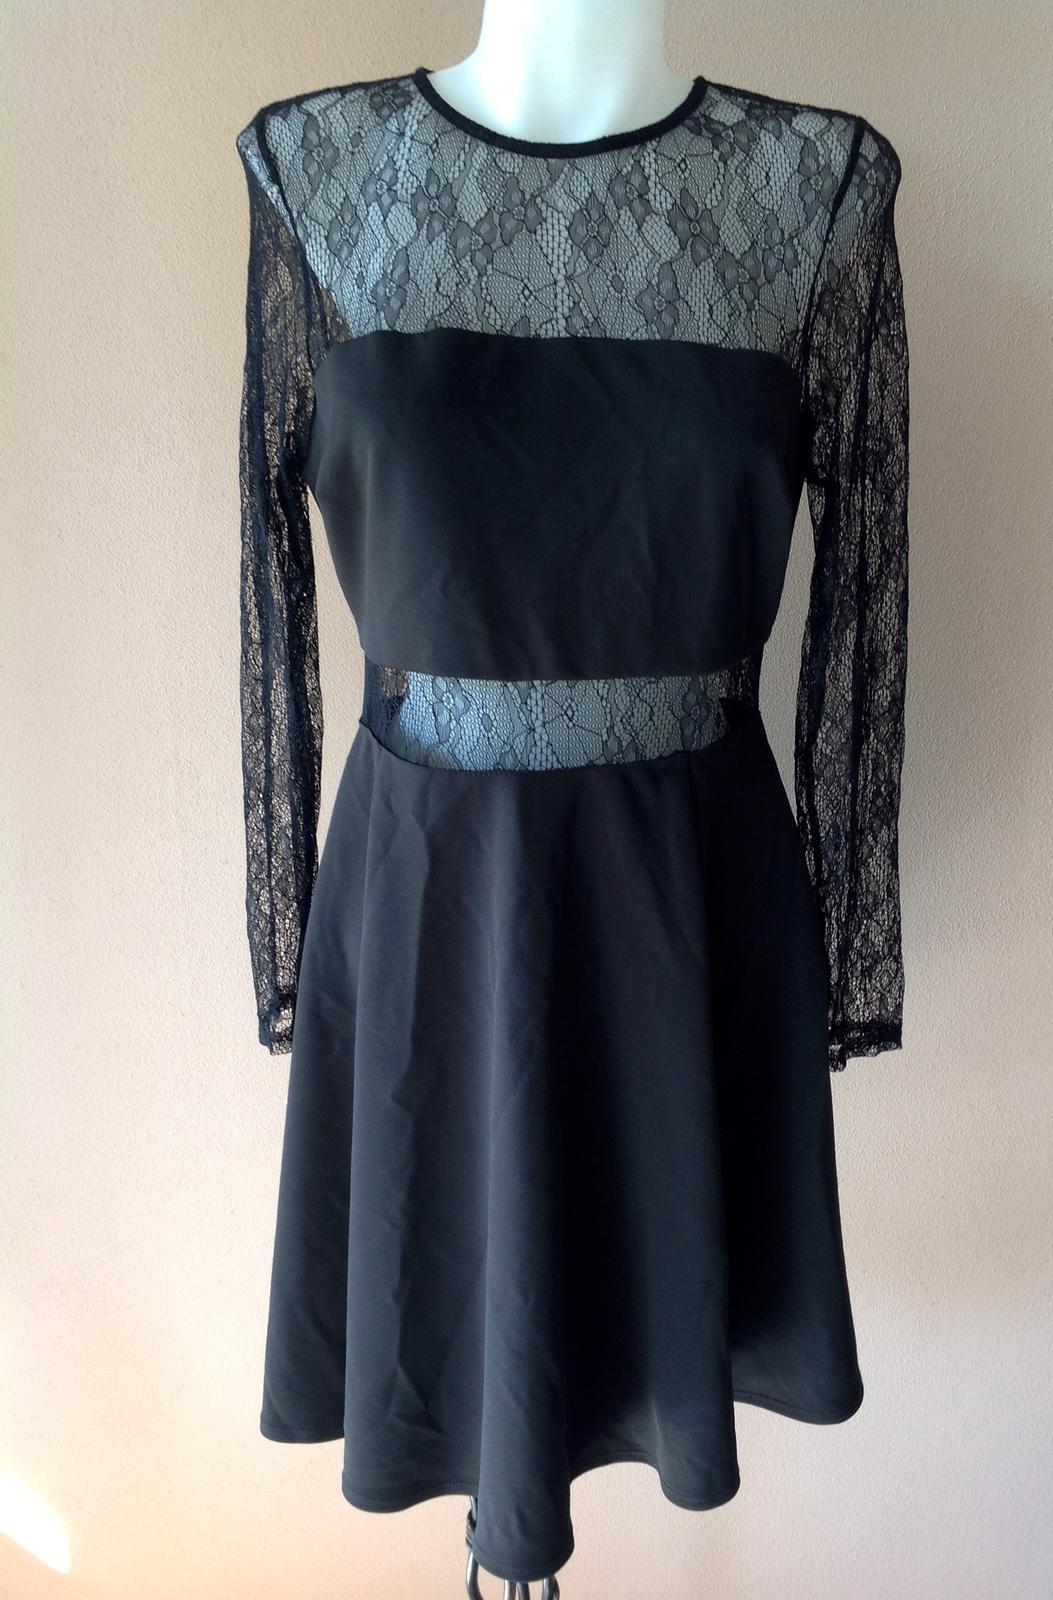 Šaty s čipkou 40/42 - Obrázok č. 1